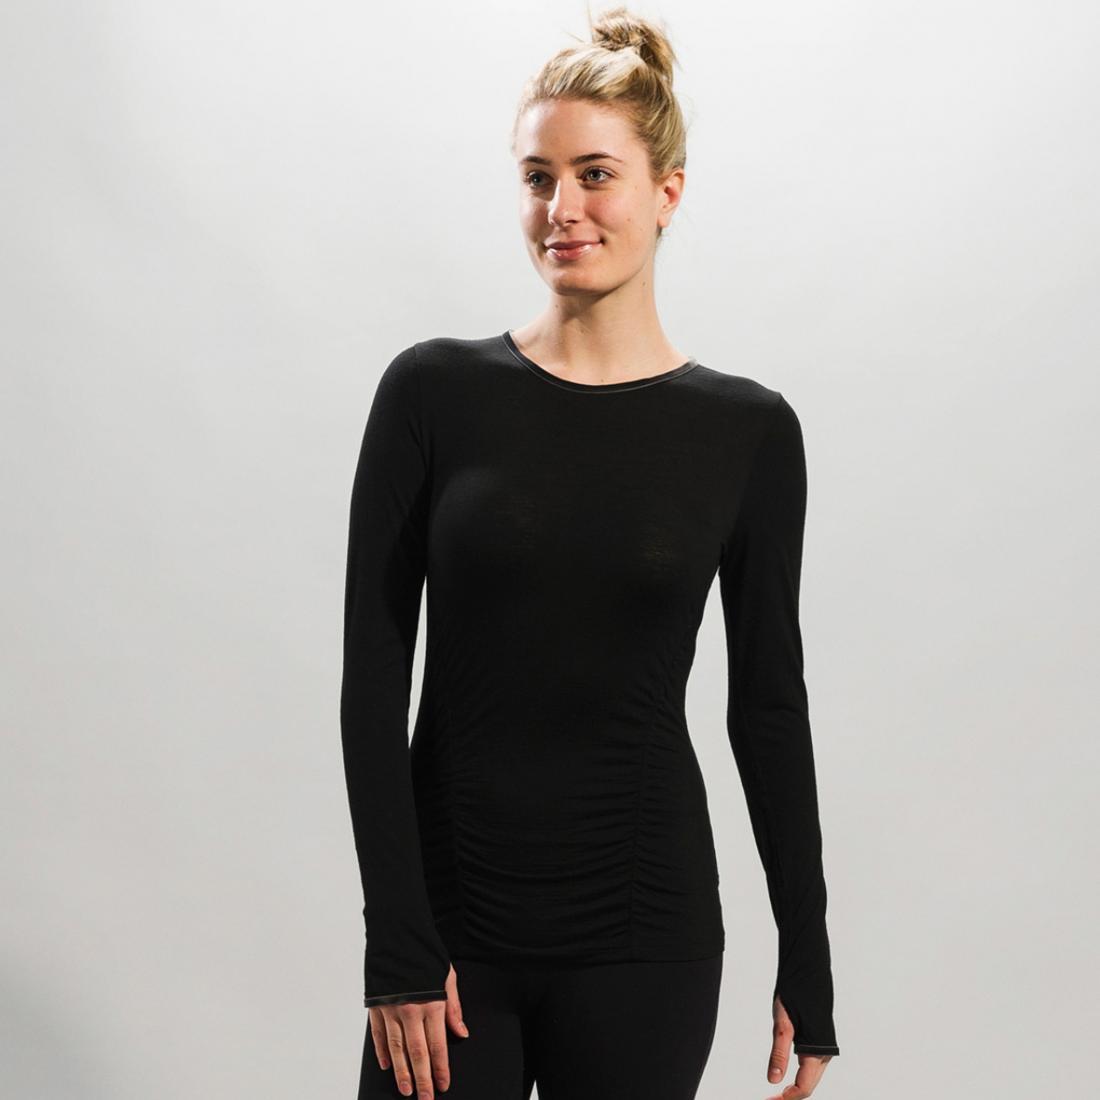 Топ LSW0752 PONDER 2 TOPФутболки, поло<br><br> Топ Ponder 2 Top LSW0752 – практичная футболка для девушек, которую можно использовать в качестве обычного лонгслива и нательного термобелья. Г...<br><br>Цвет: Черный<br>Размер: XL